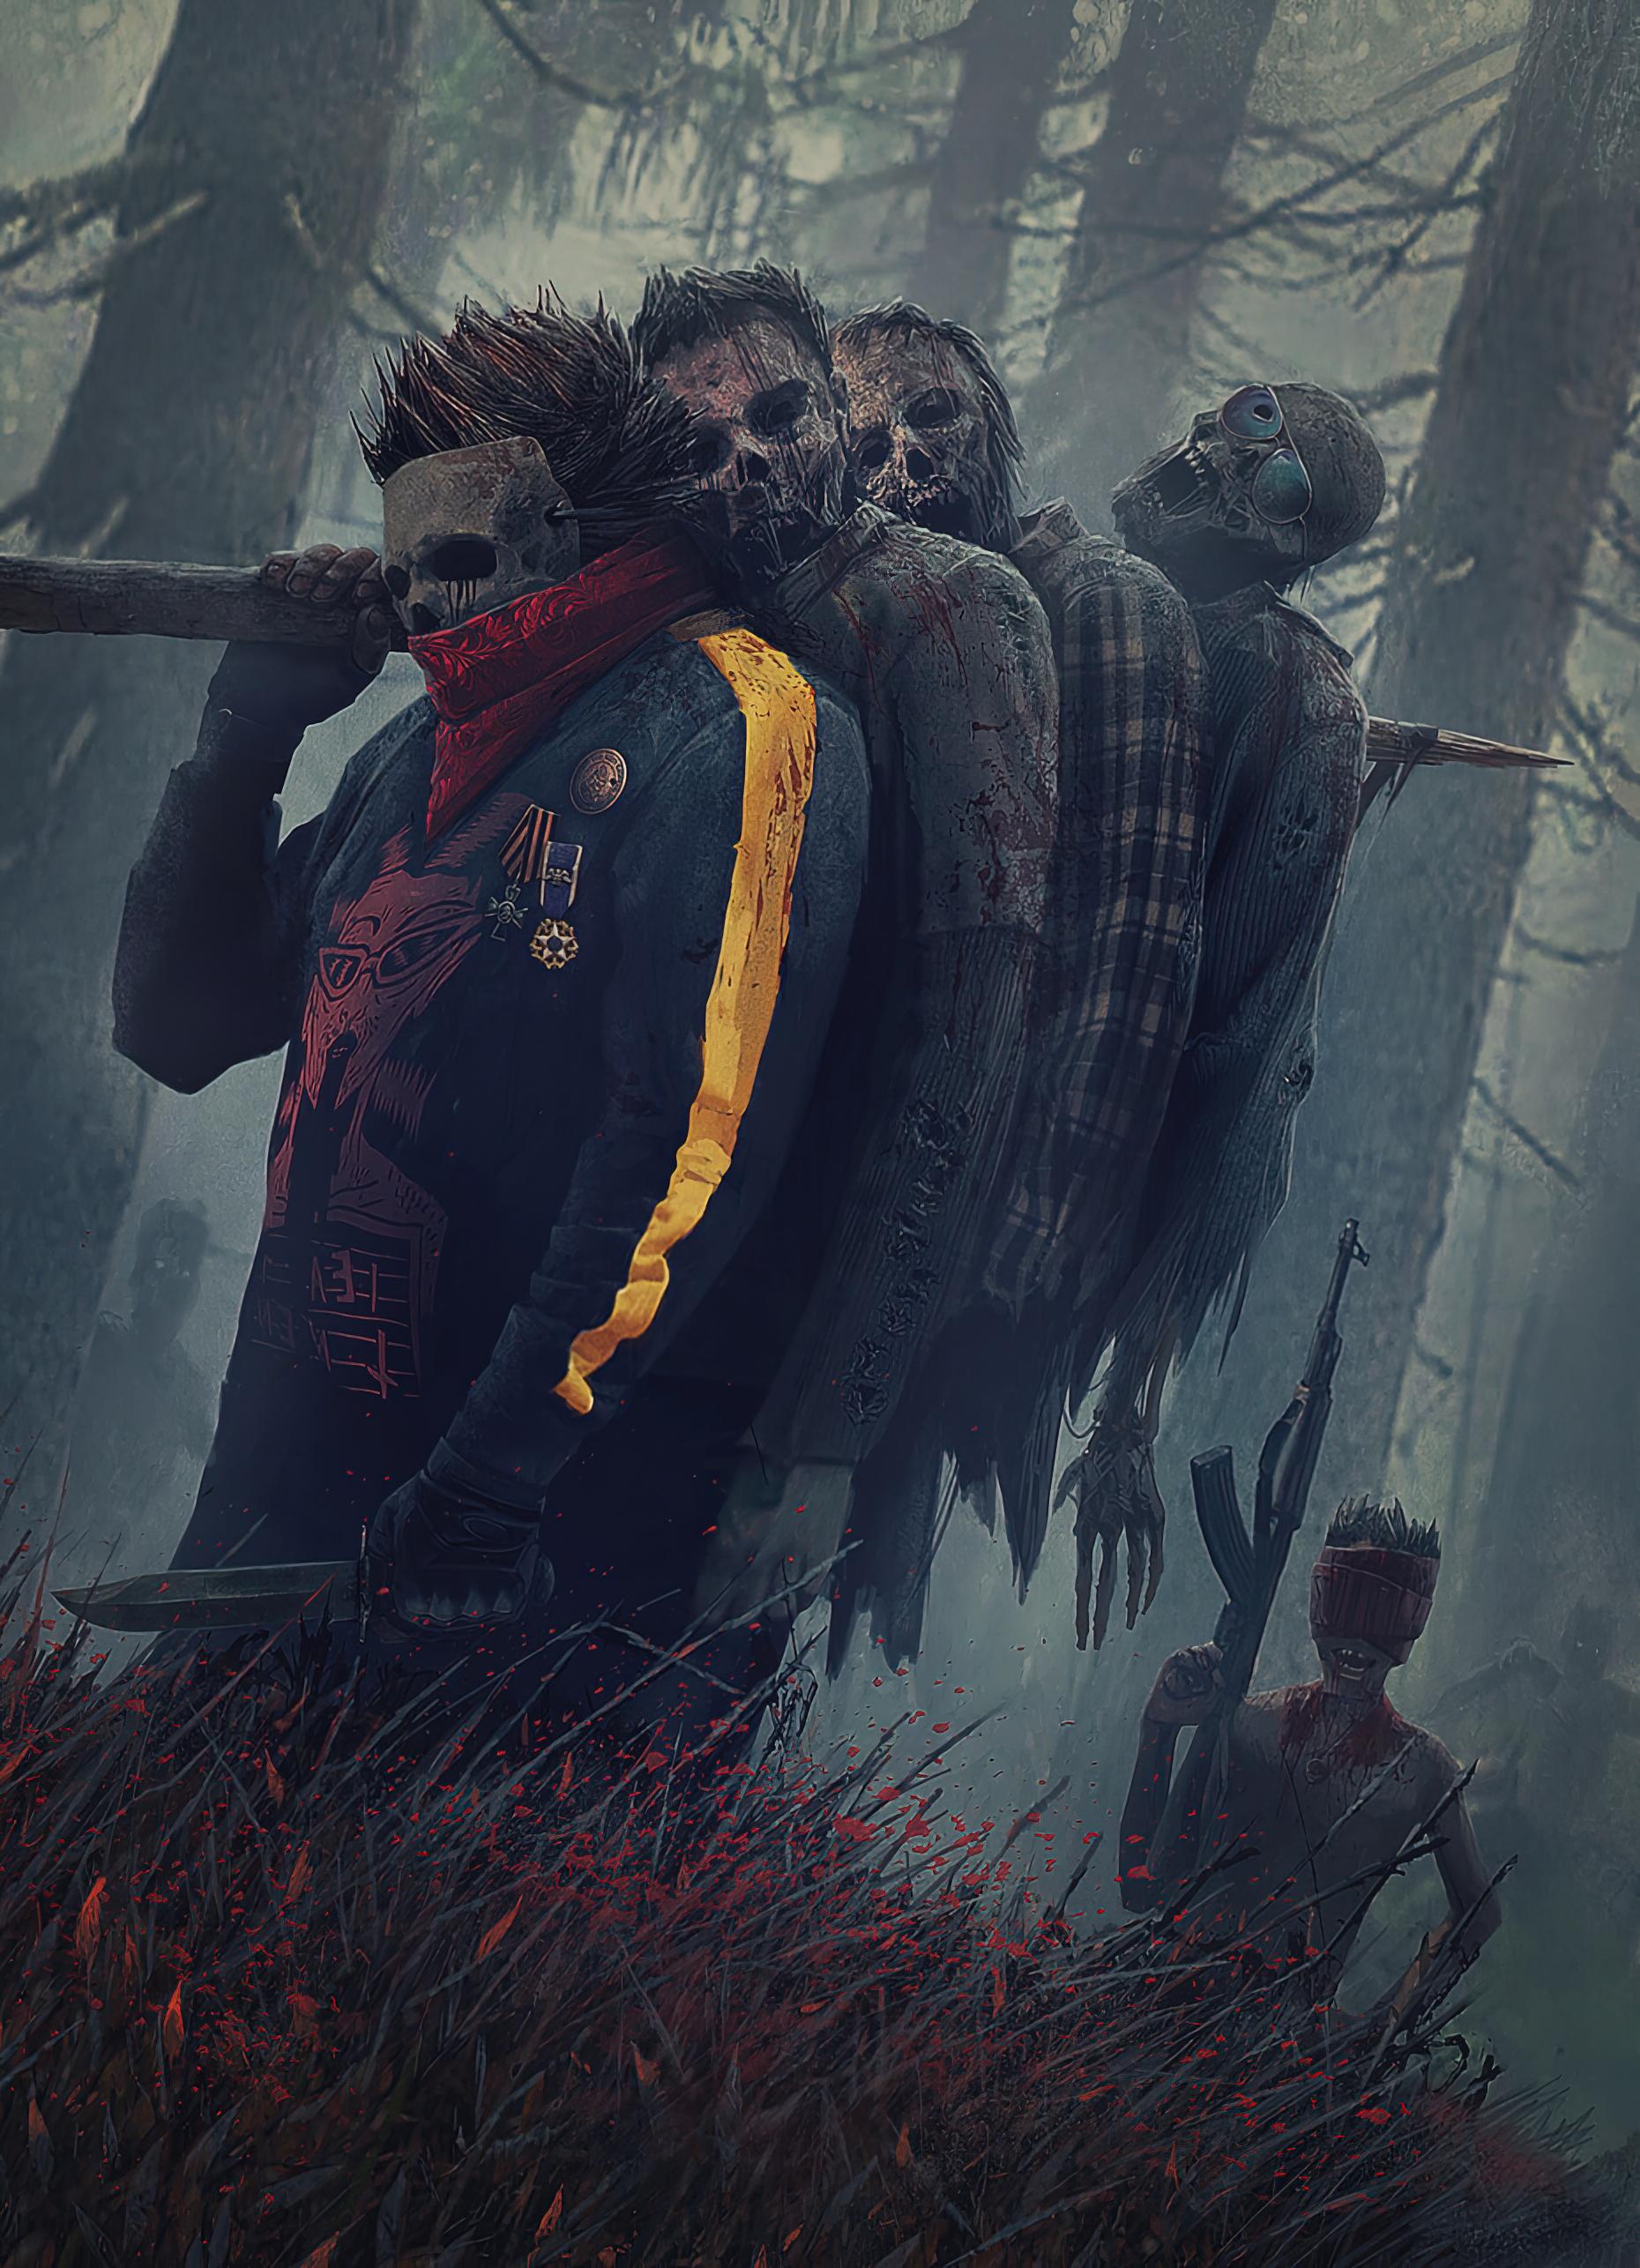 alexey-egorov-zombie-hunters.jpg